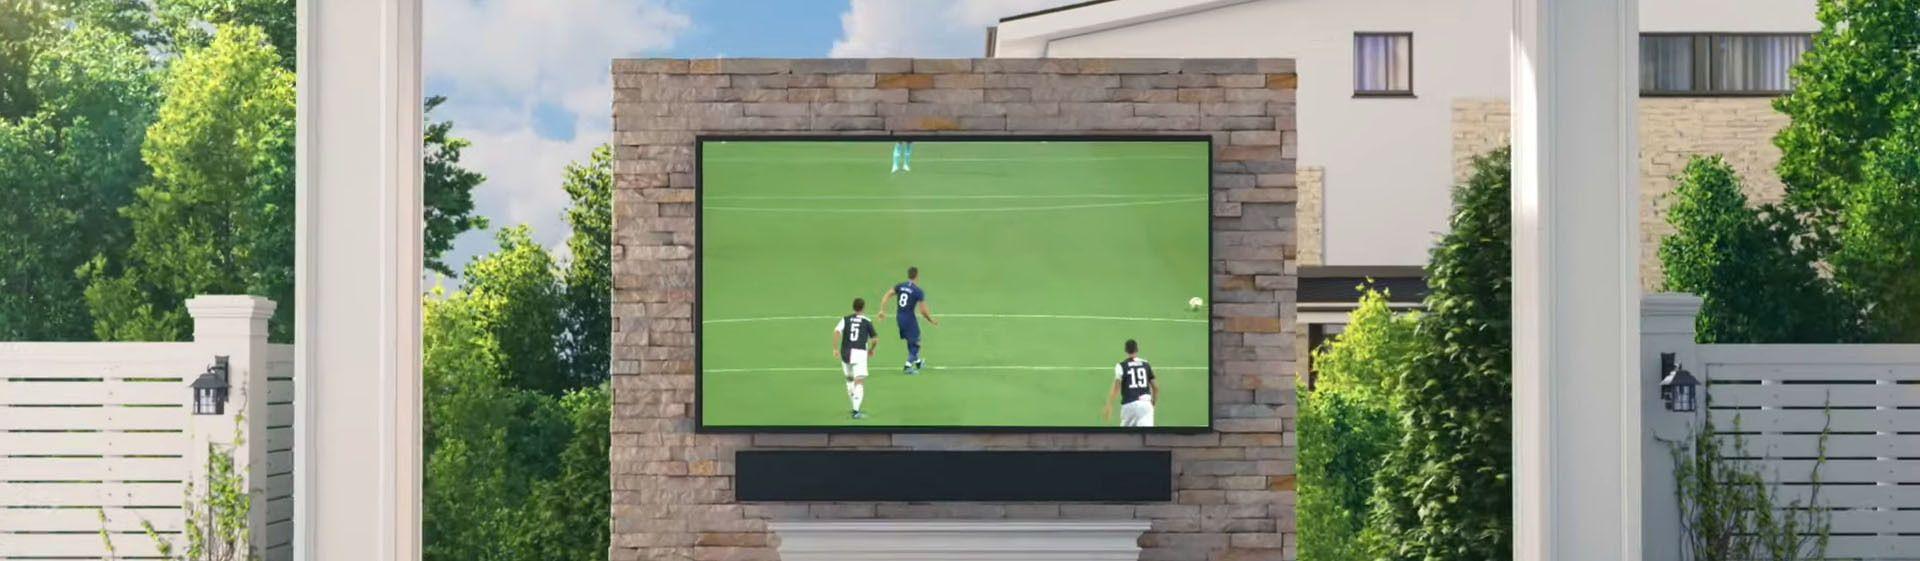 Lançamentos da Samsung 2021: marca apresenta novas TVs QLED, MicroLED e controle remoto a luz solar